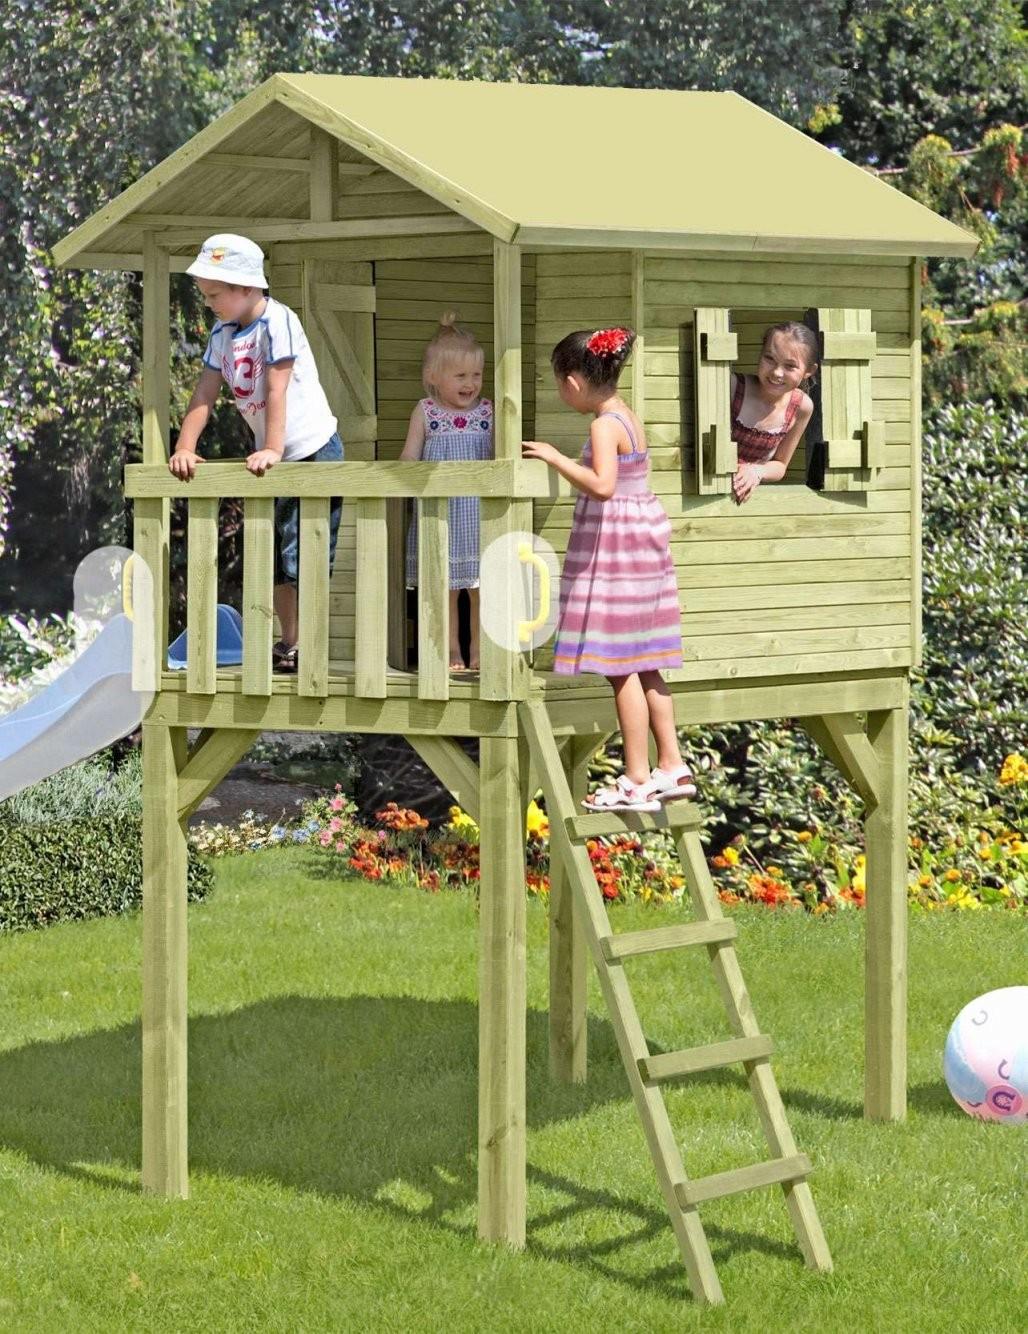 Kinder Holzhaus Garten Das Beste Von Kinder Gartenhaus Selber Bauen von Kinder Holzhaus Selber Bauen Bild